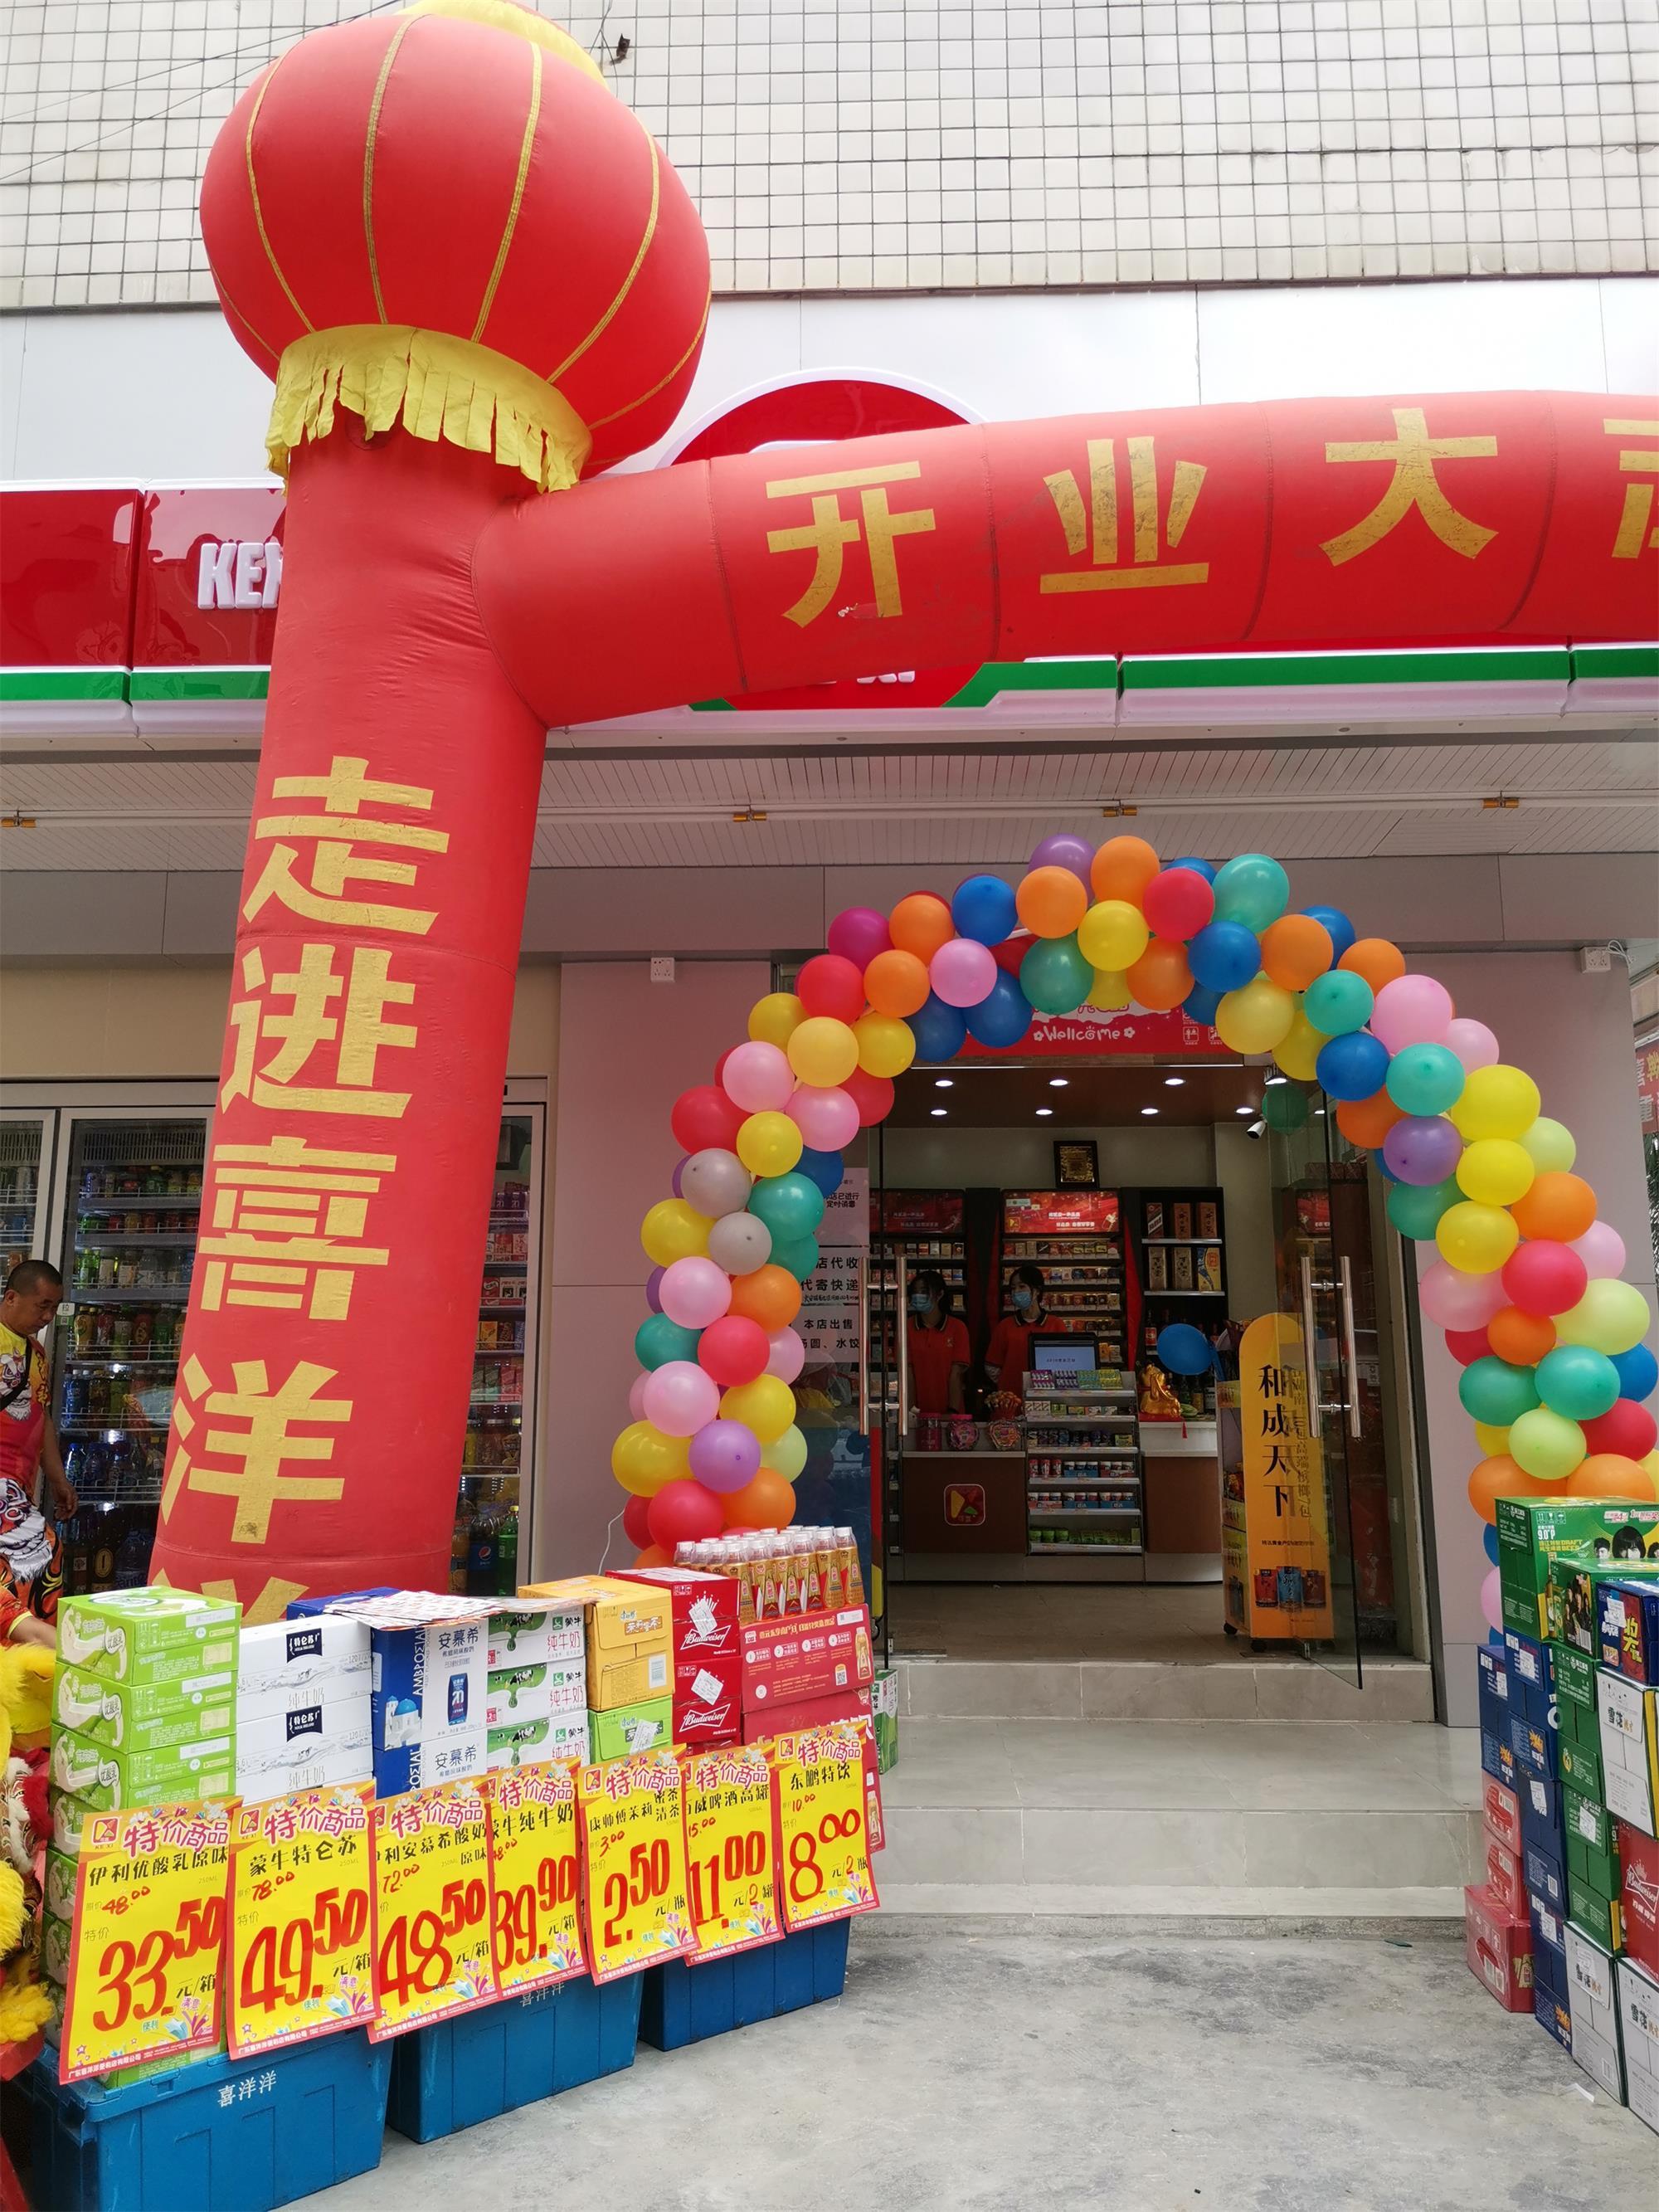 喜洋洋全体员工热烈庆祝厦边宏晟达分店4月14日隆重开业!